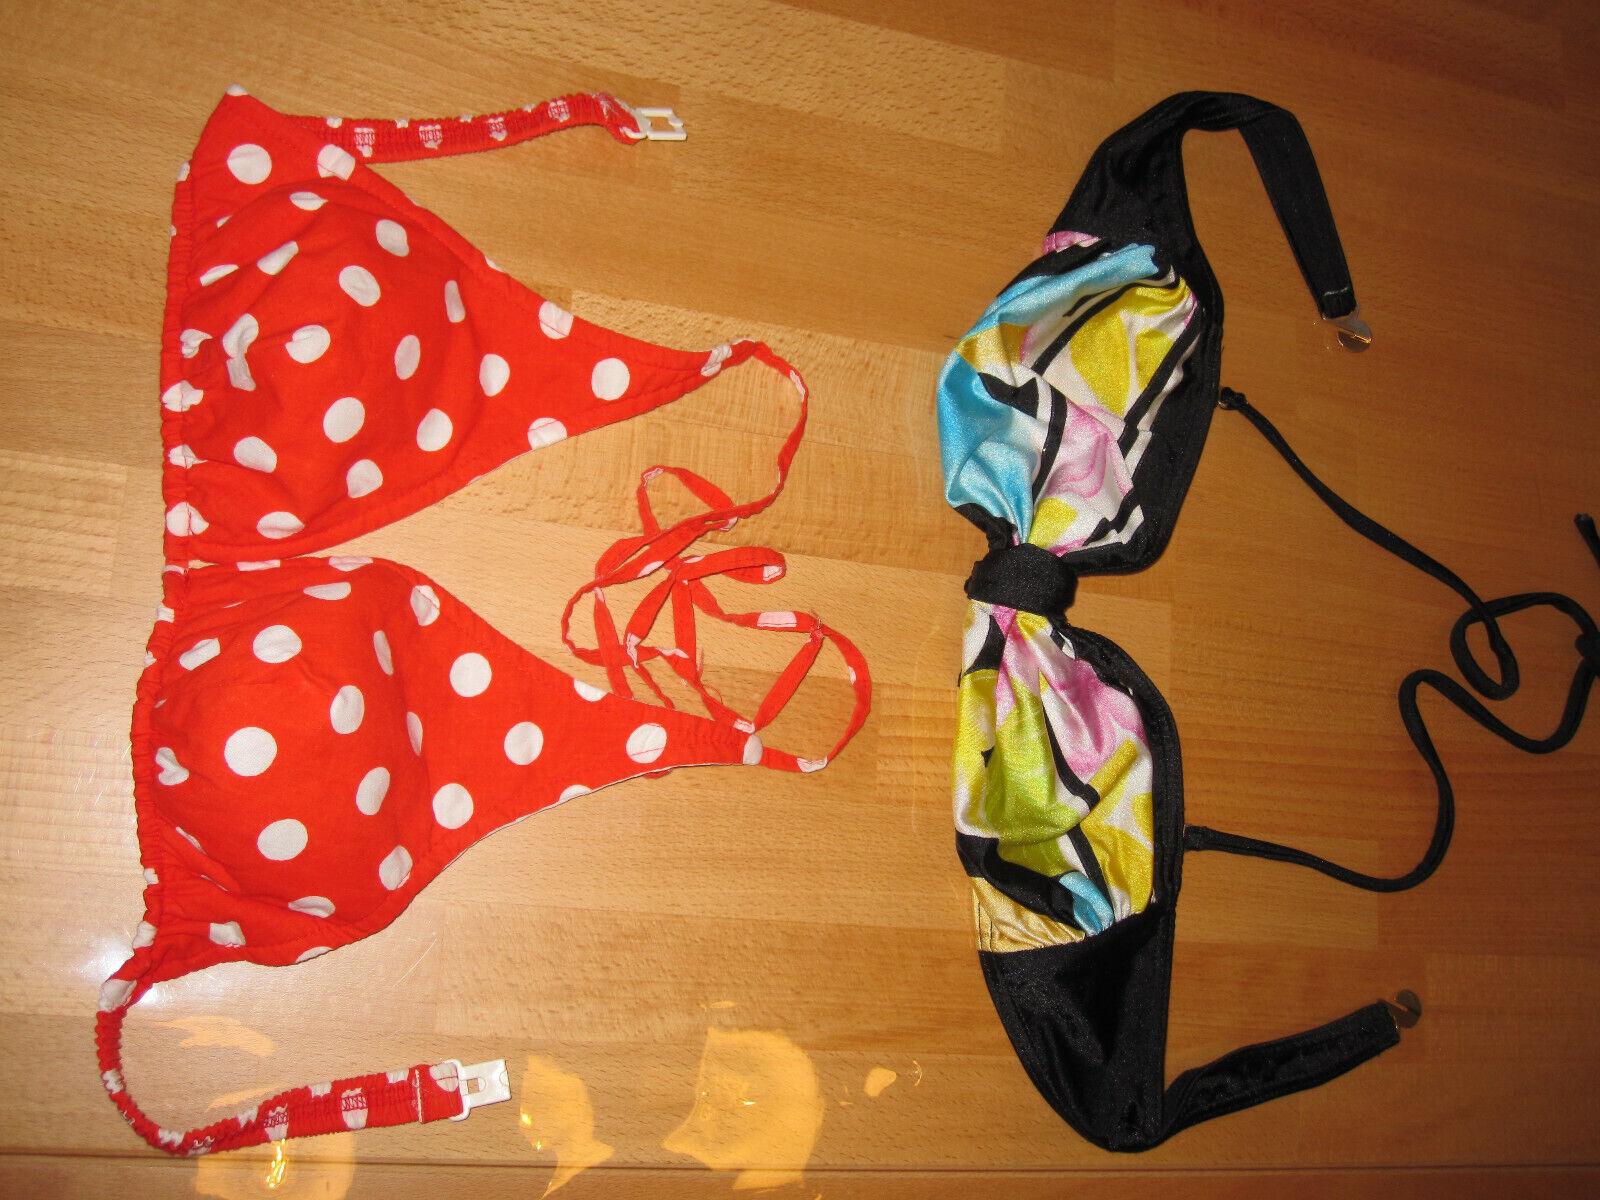 2 Bikini -Oberteile Gr.42 od.kleiner rot m weißen Punkten bzw. schwarz-gemustert